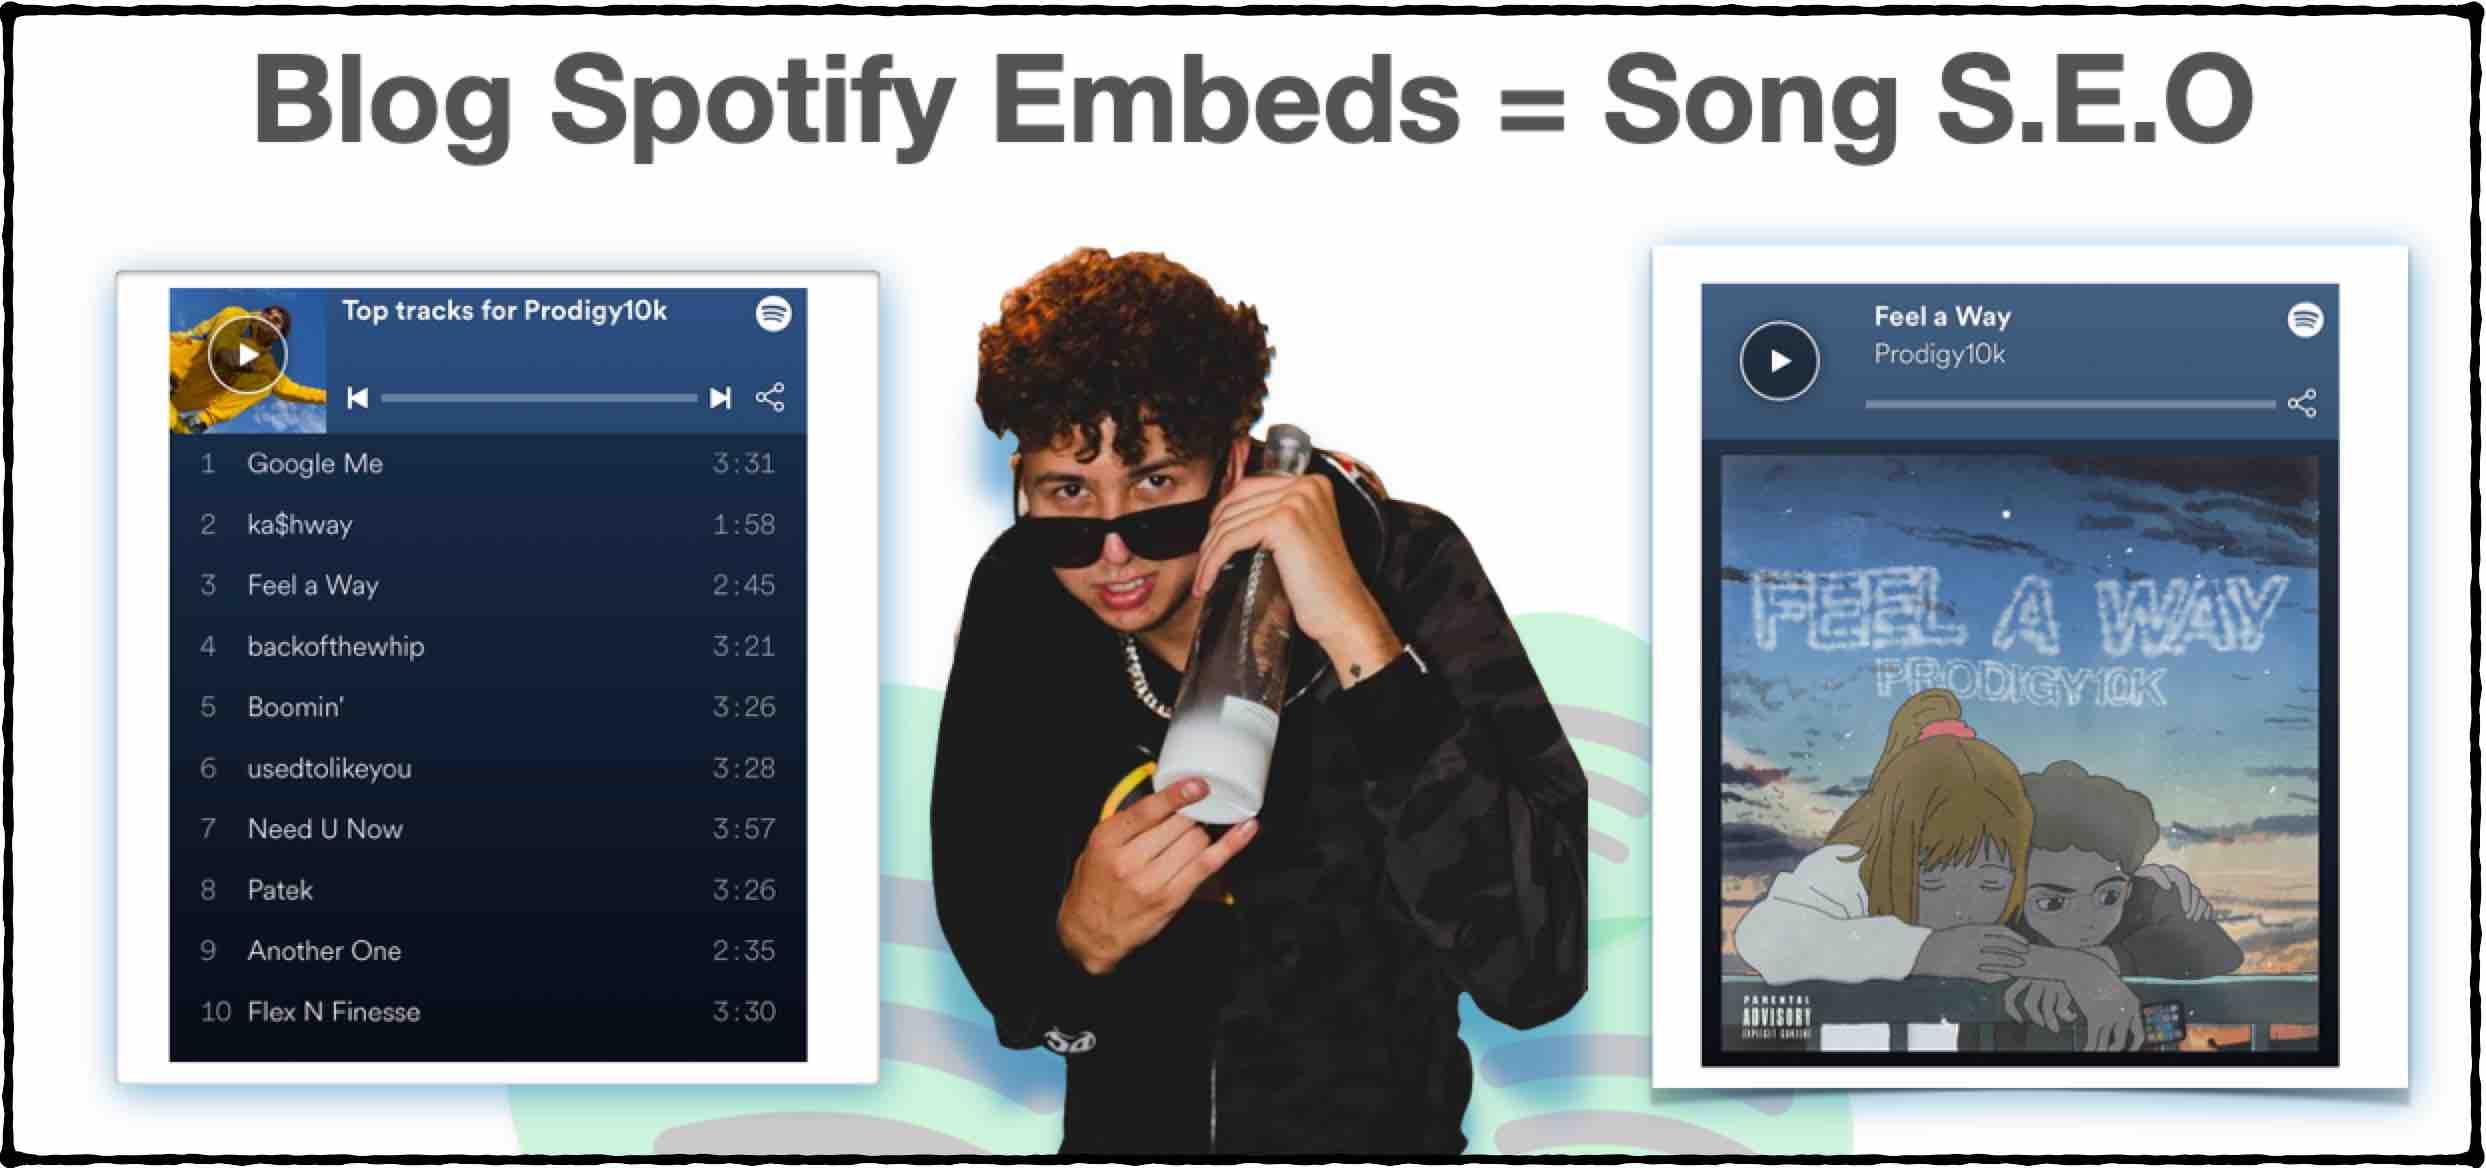 Blog Spotify Embeds